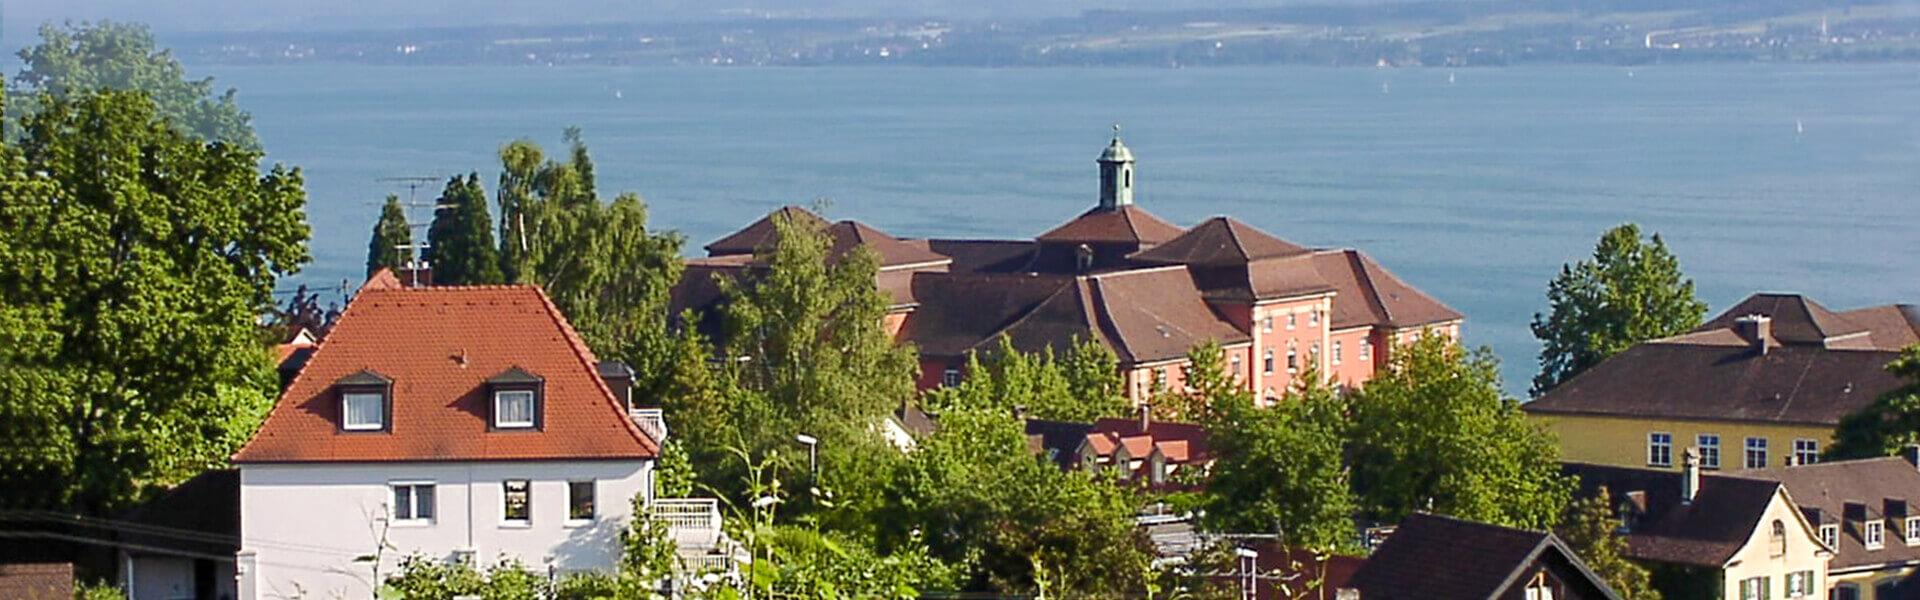 Gästehaus Schiff in Meersburg: Blick auf den Bodensee